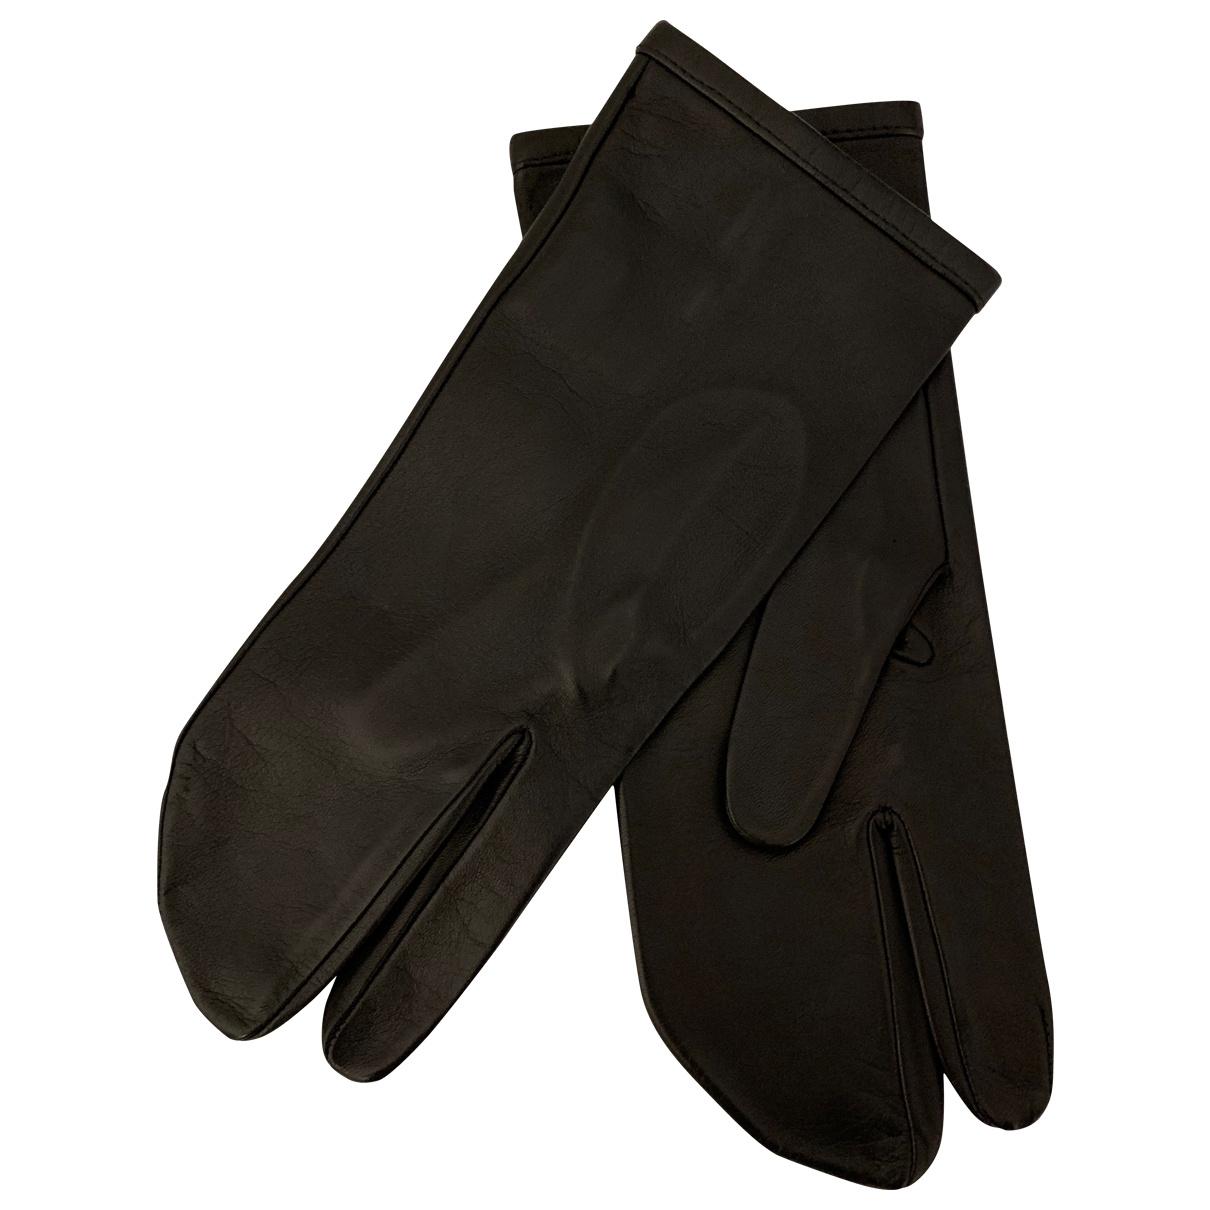 Maison Martin Margiela \N Black Leather Gloves for Women S International